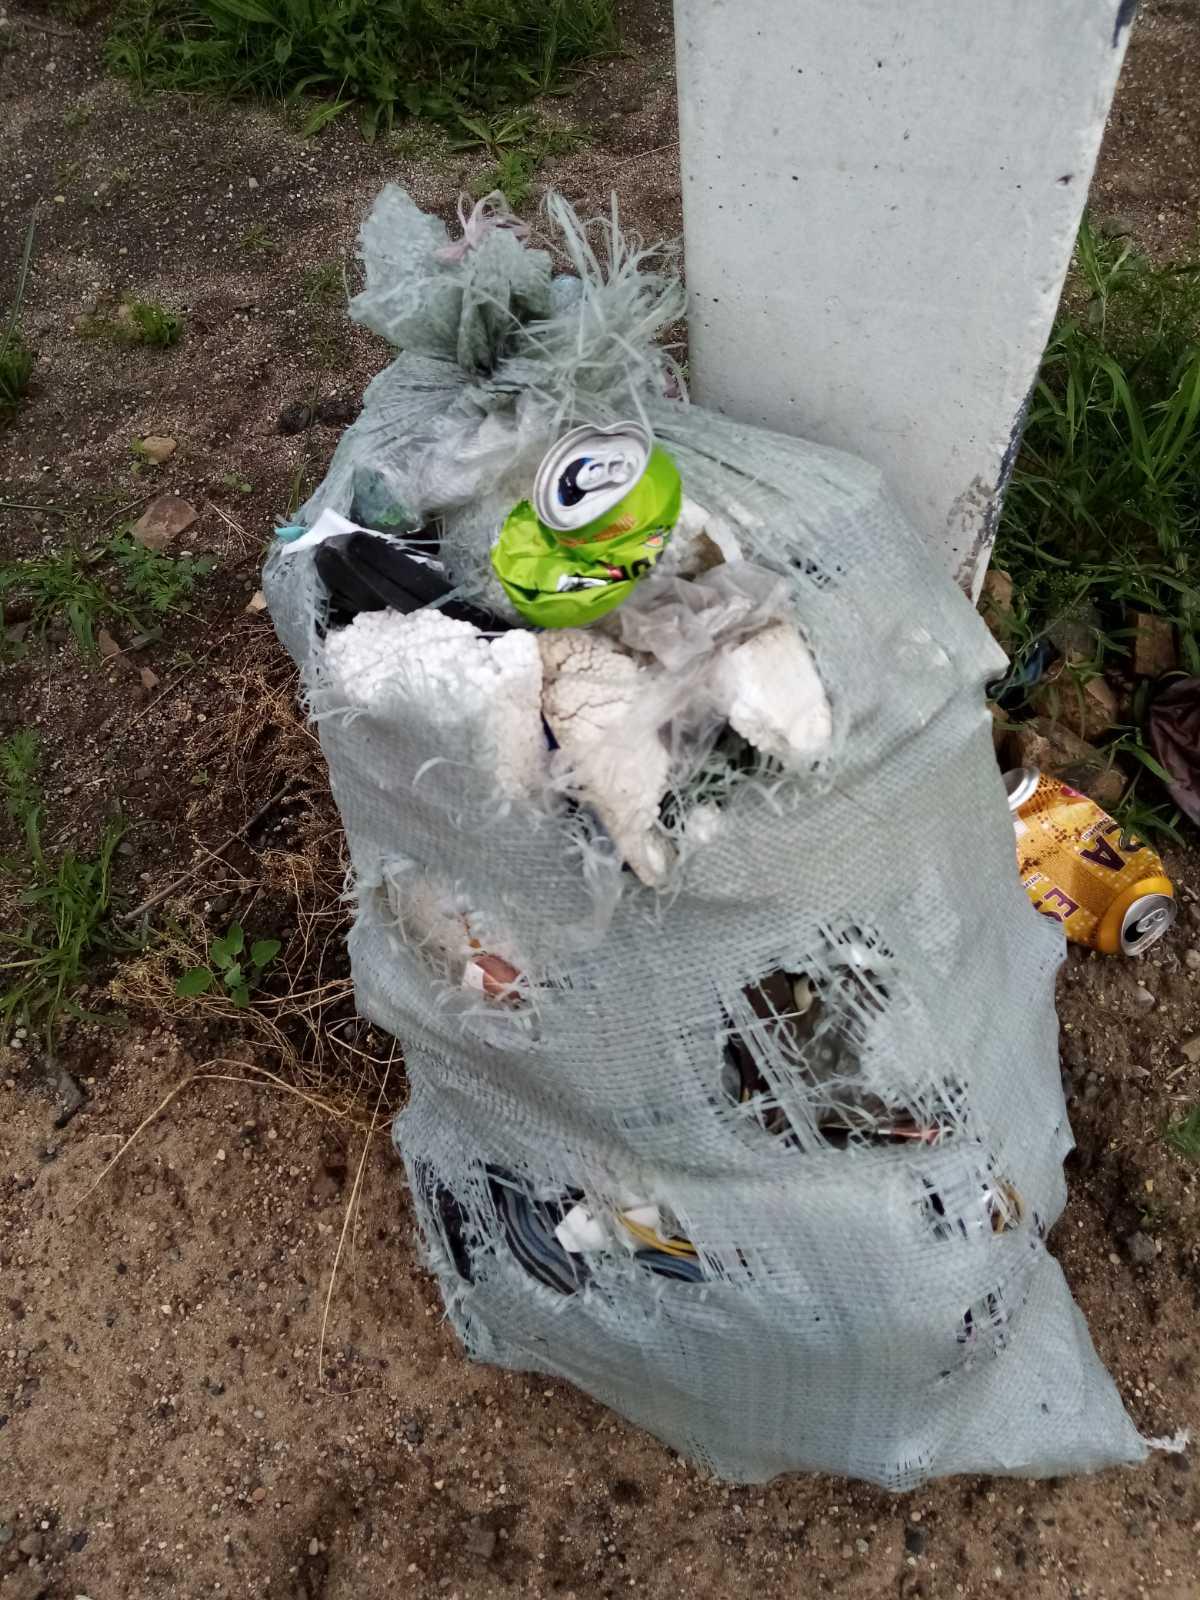 «Вечорка ЦУР»: Беспредельщик «Олерон» — Чита в мусоре